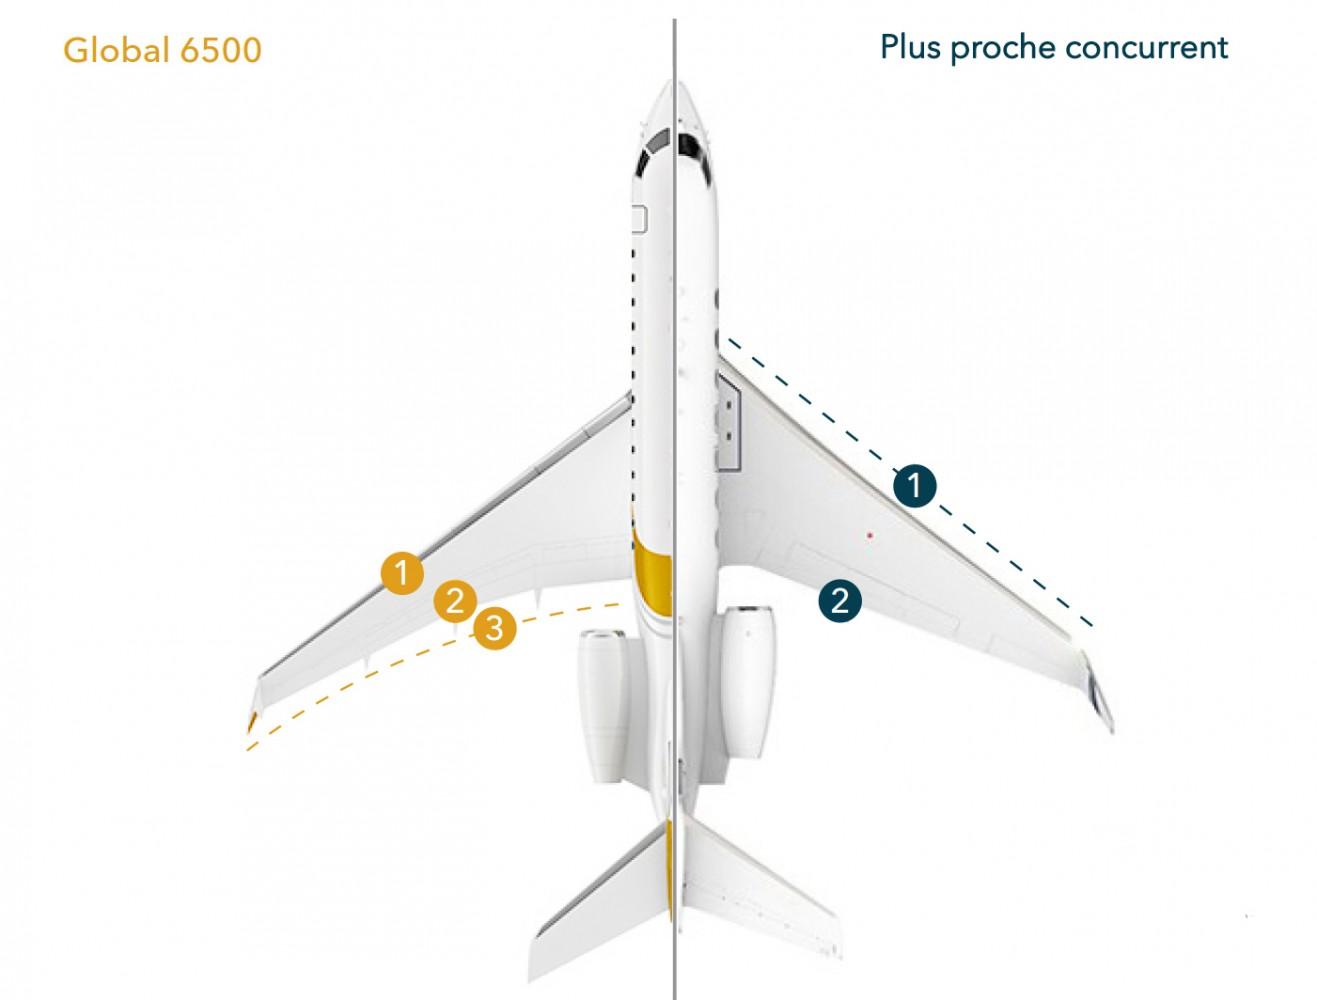 Global 6500 aile de nouvelle génération